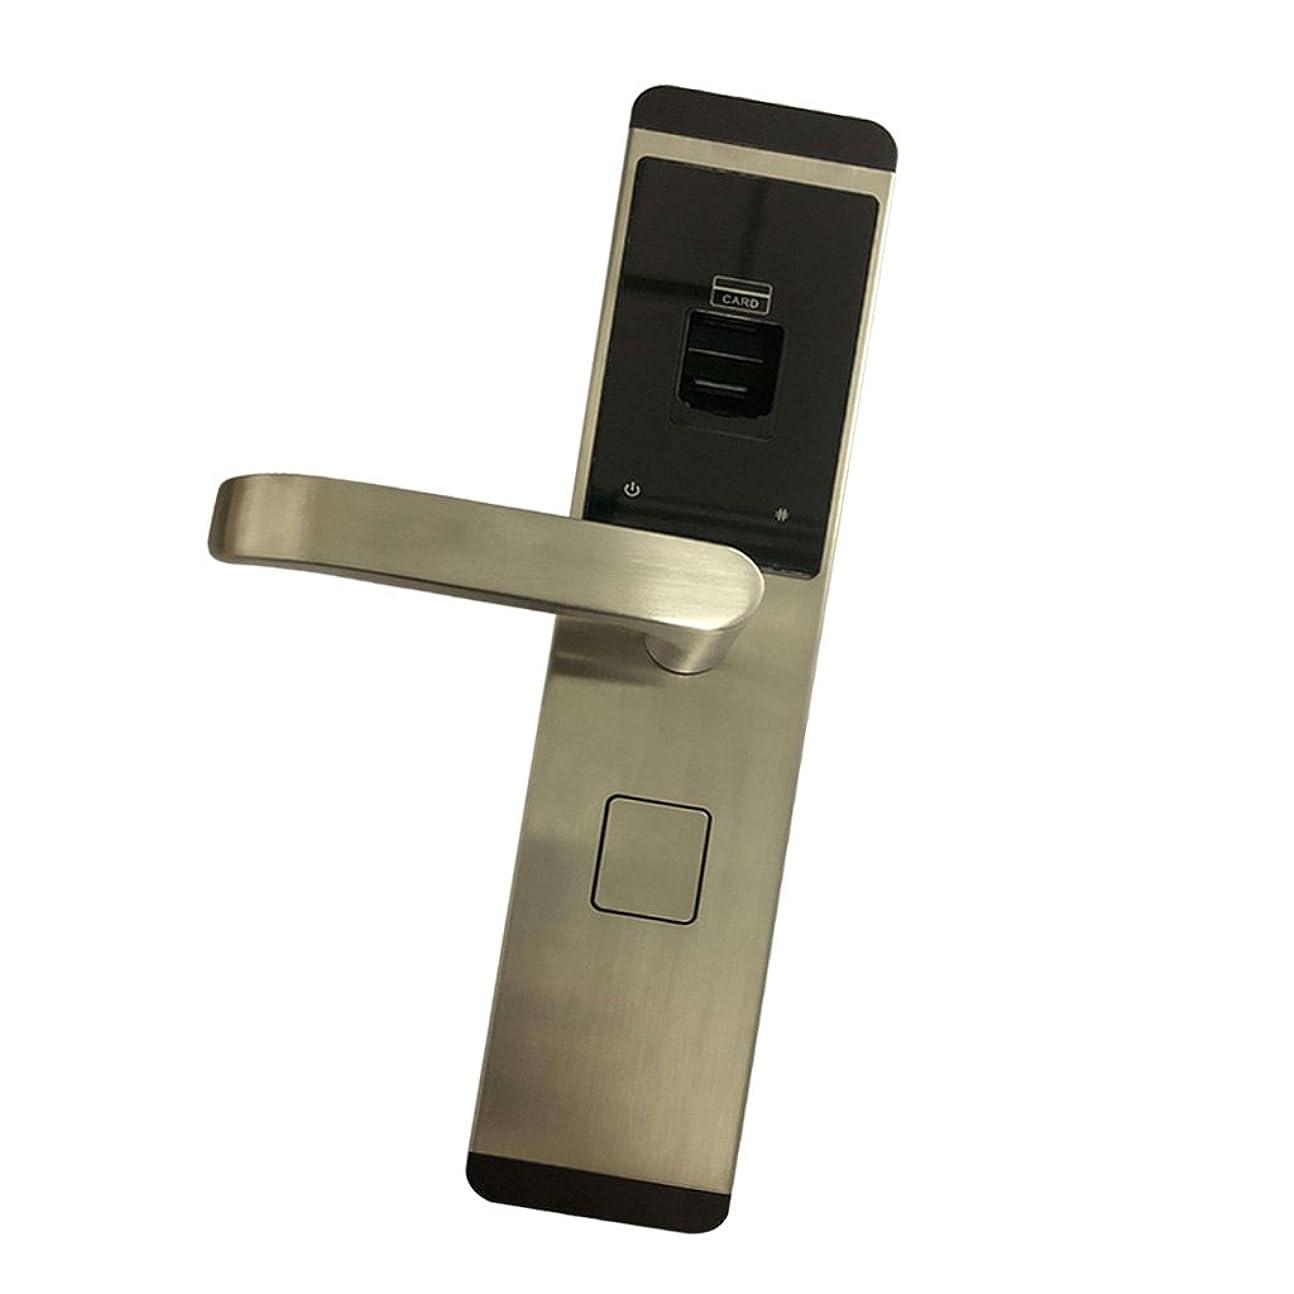 最適自宅で保持PETSOLA スマート 電子 キーレス デジタル ドアロック 指紋認証 RFIDカード 盗難防止 安全性 銀